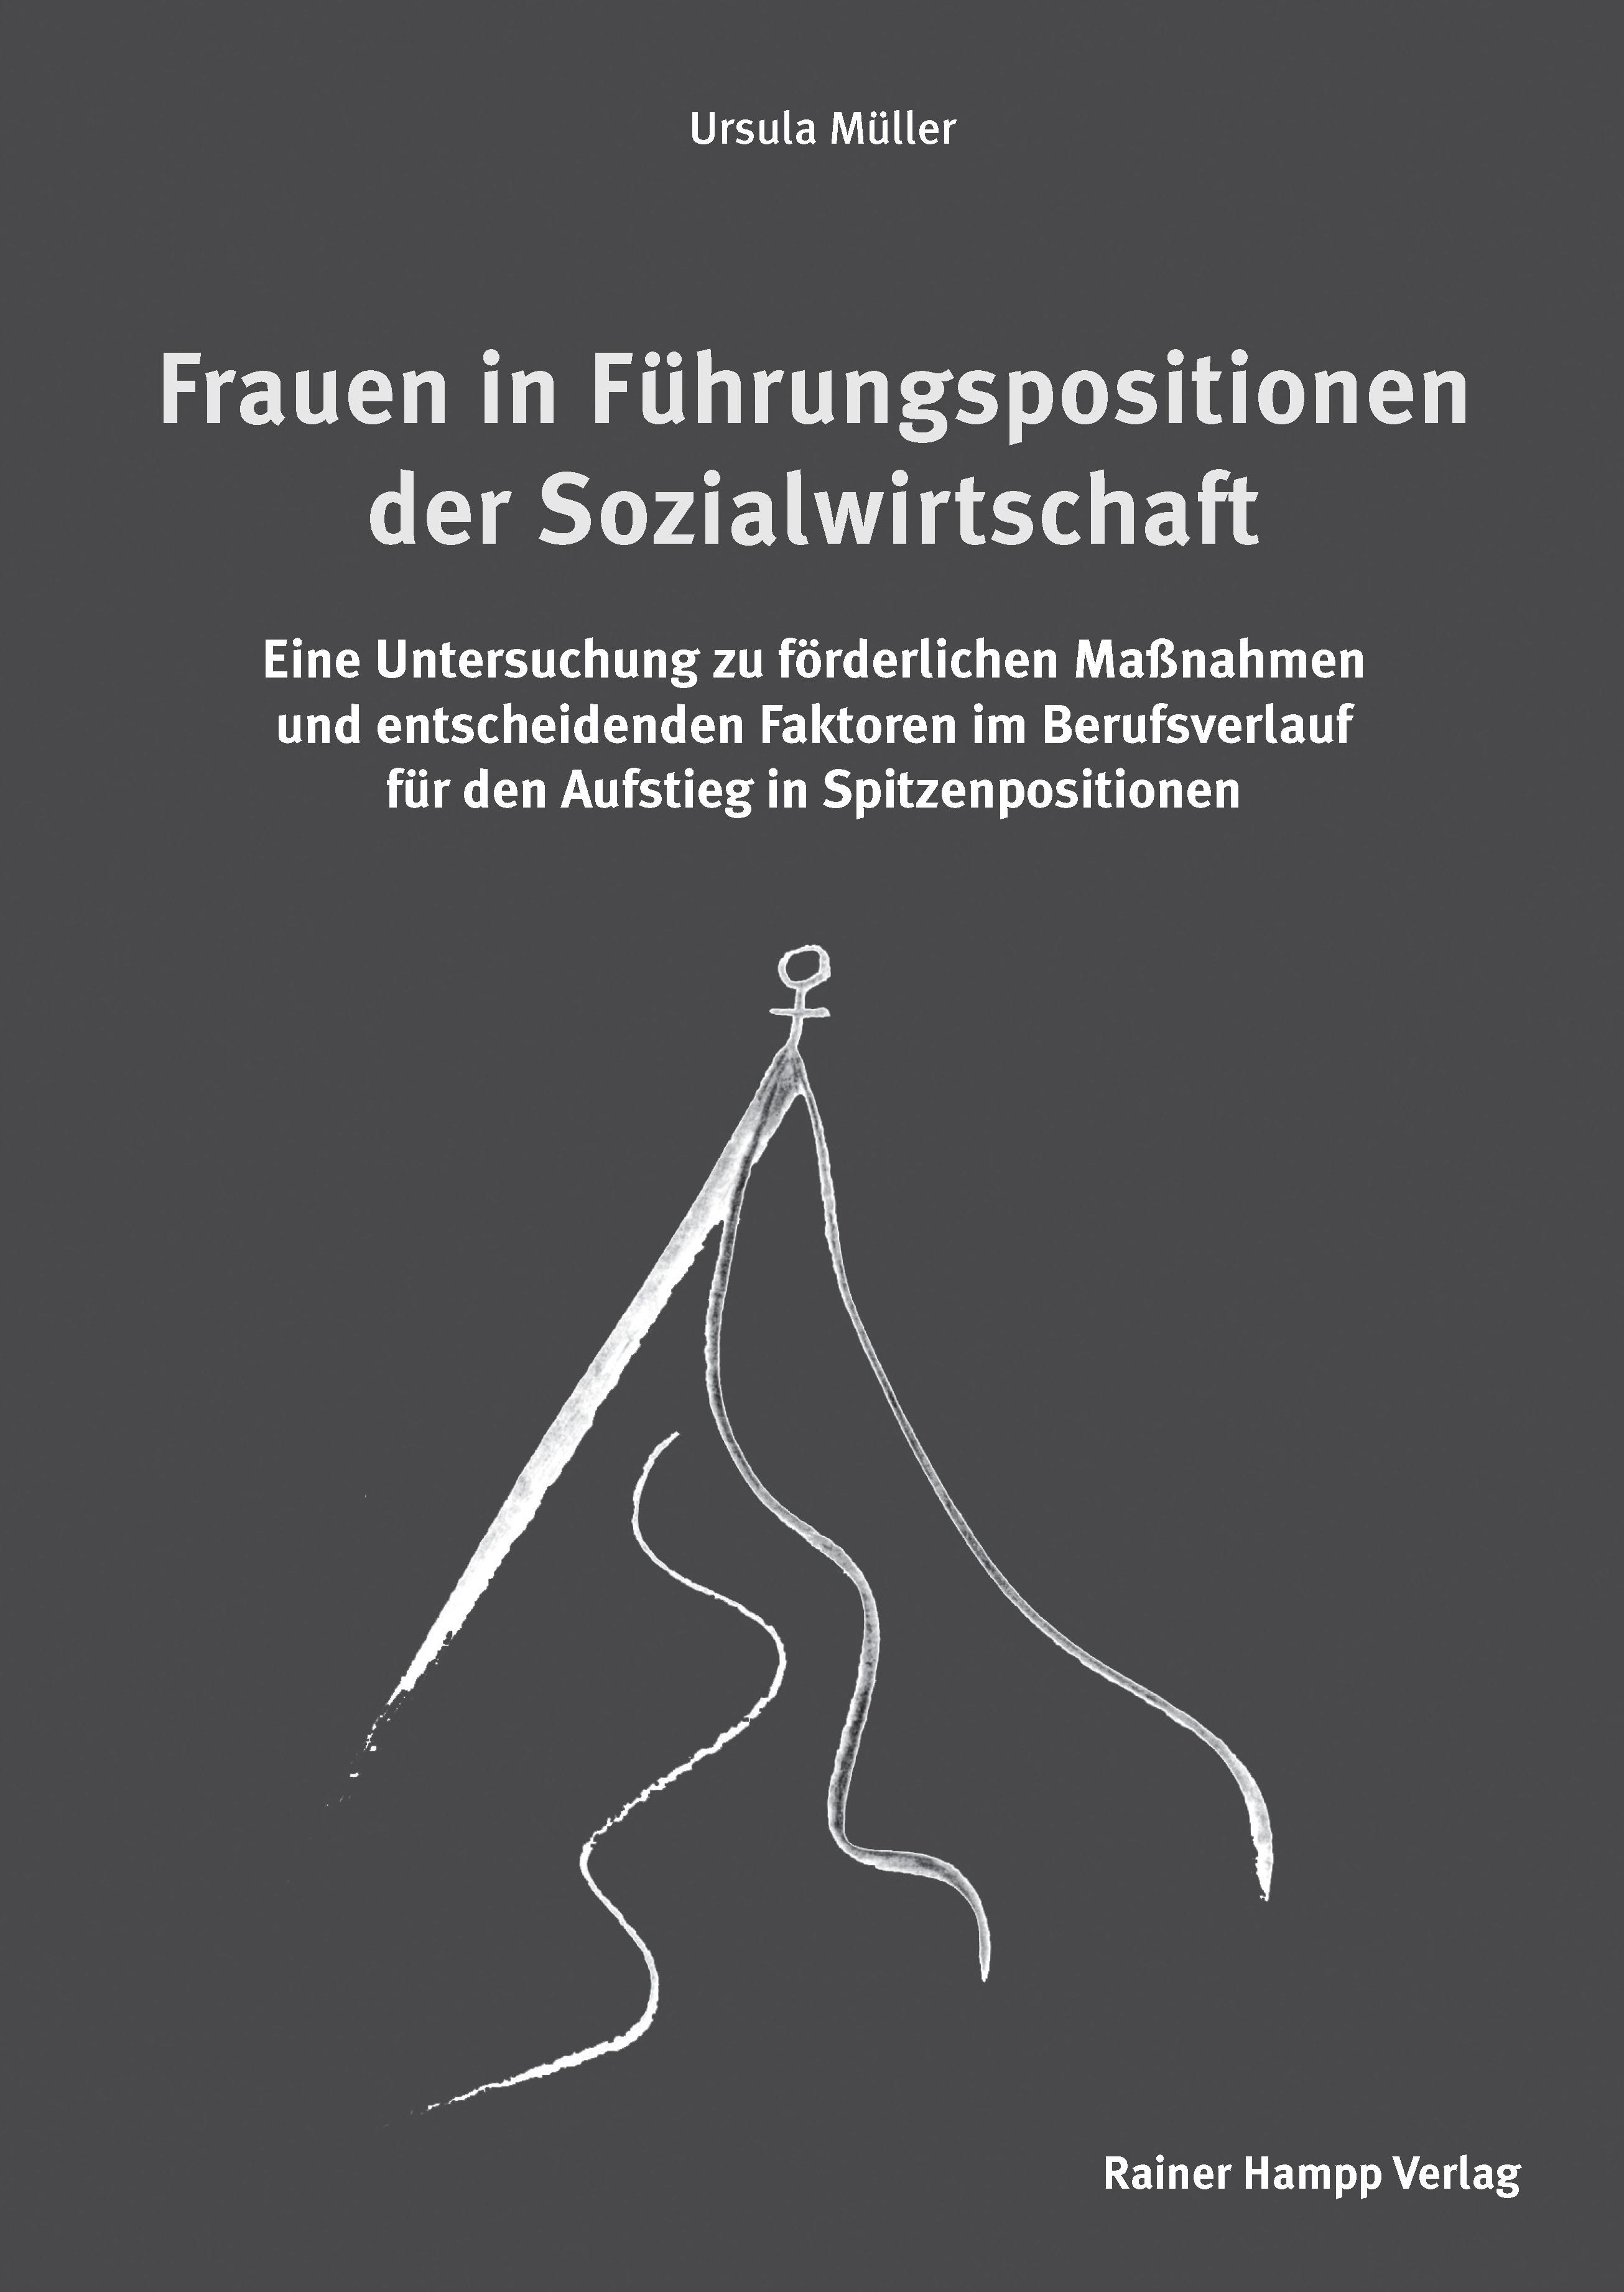 Frauen in Führungspositionen der Sozialwirtschaft | Müller, 2014 | Buch (Cover)